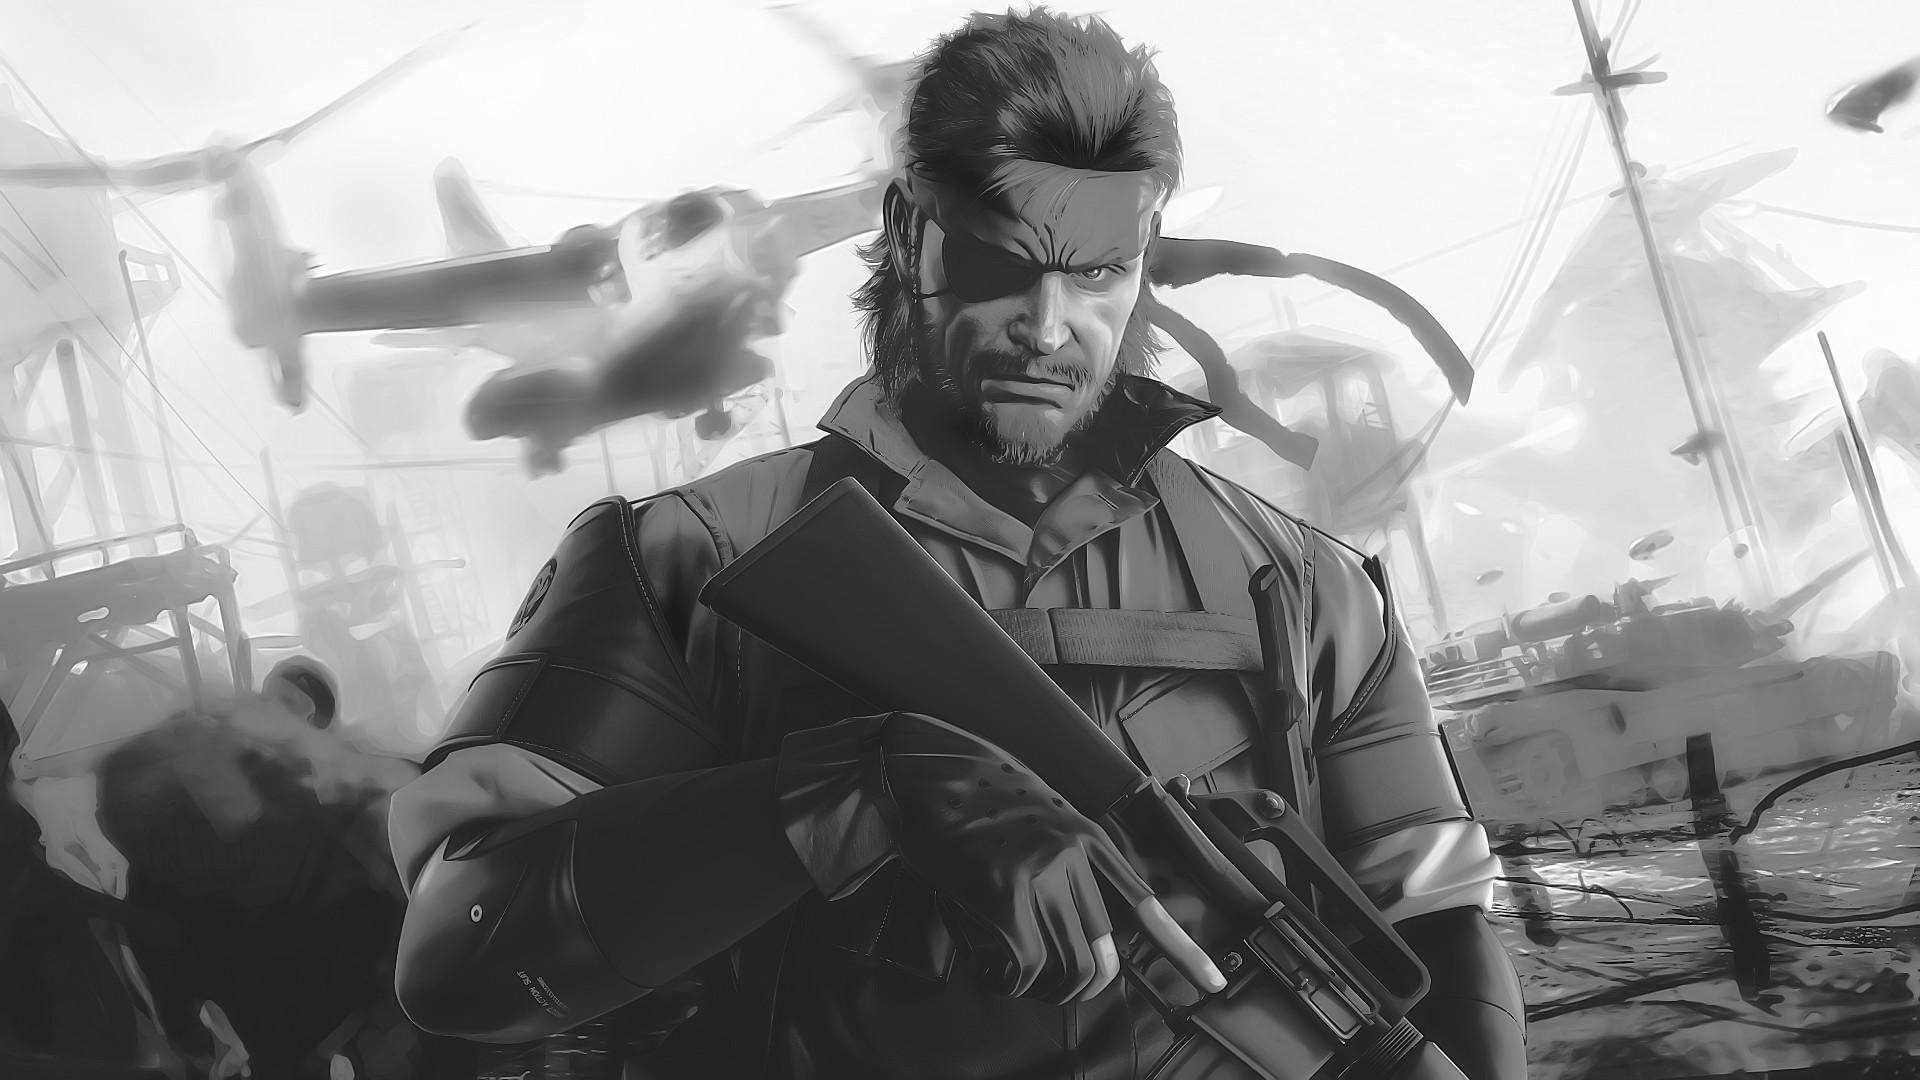 Metal Gear Big Boss Wallpaper – WallpaperSafari